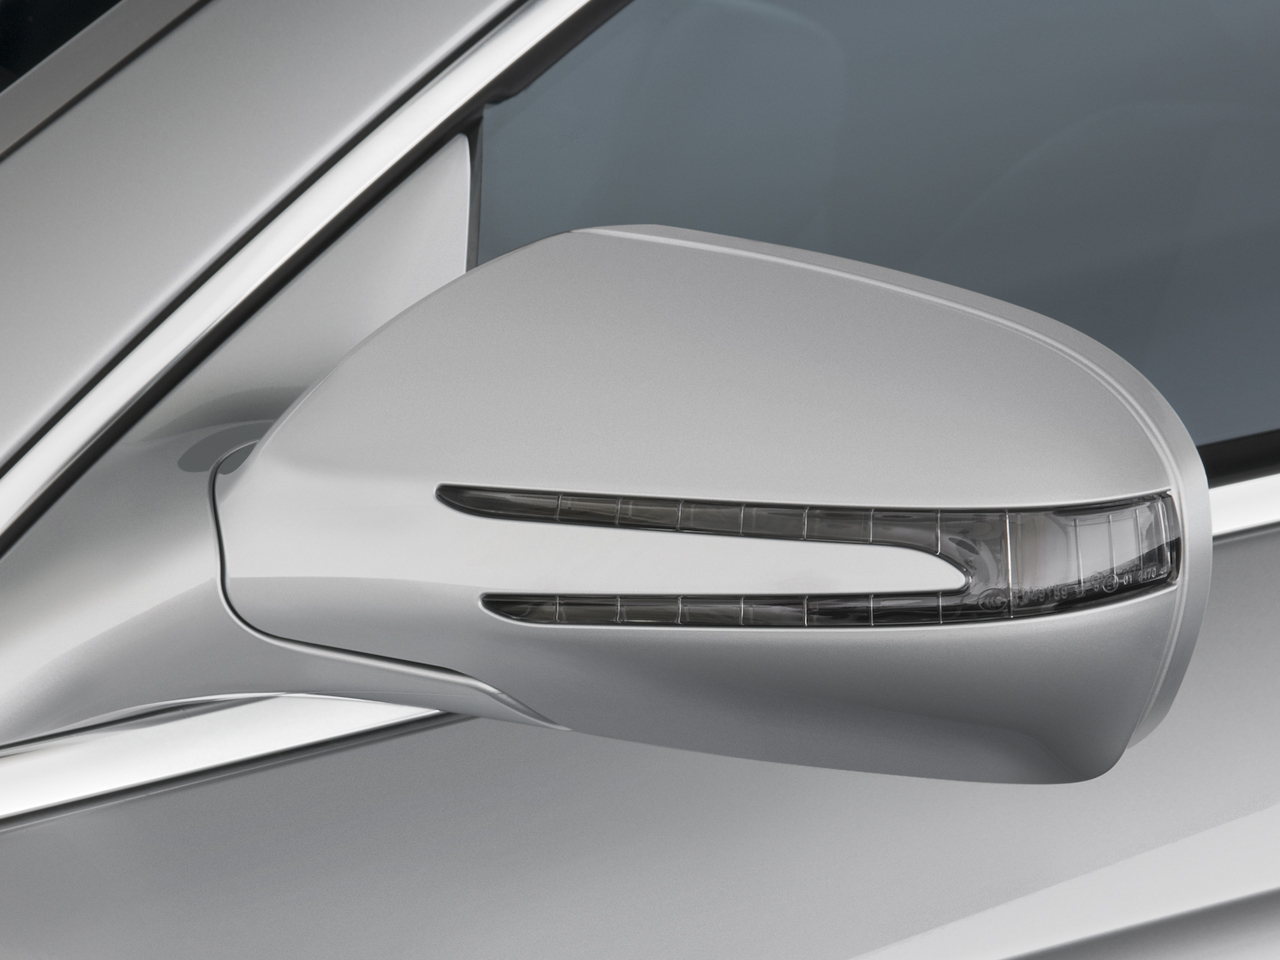 2009 mercedes benz cls550 mercedes benz luxury sedan for Mercedes benz mirror